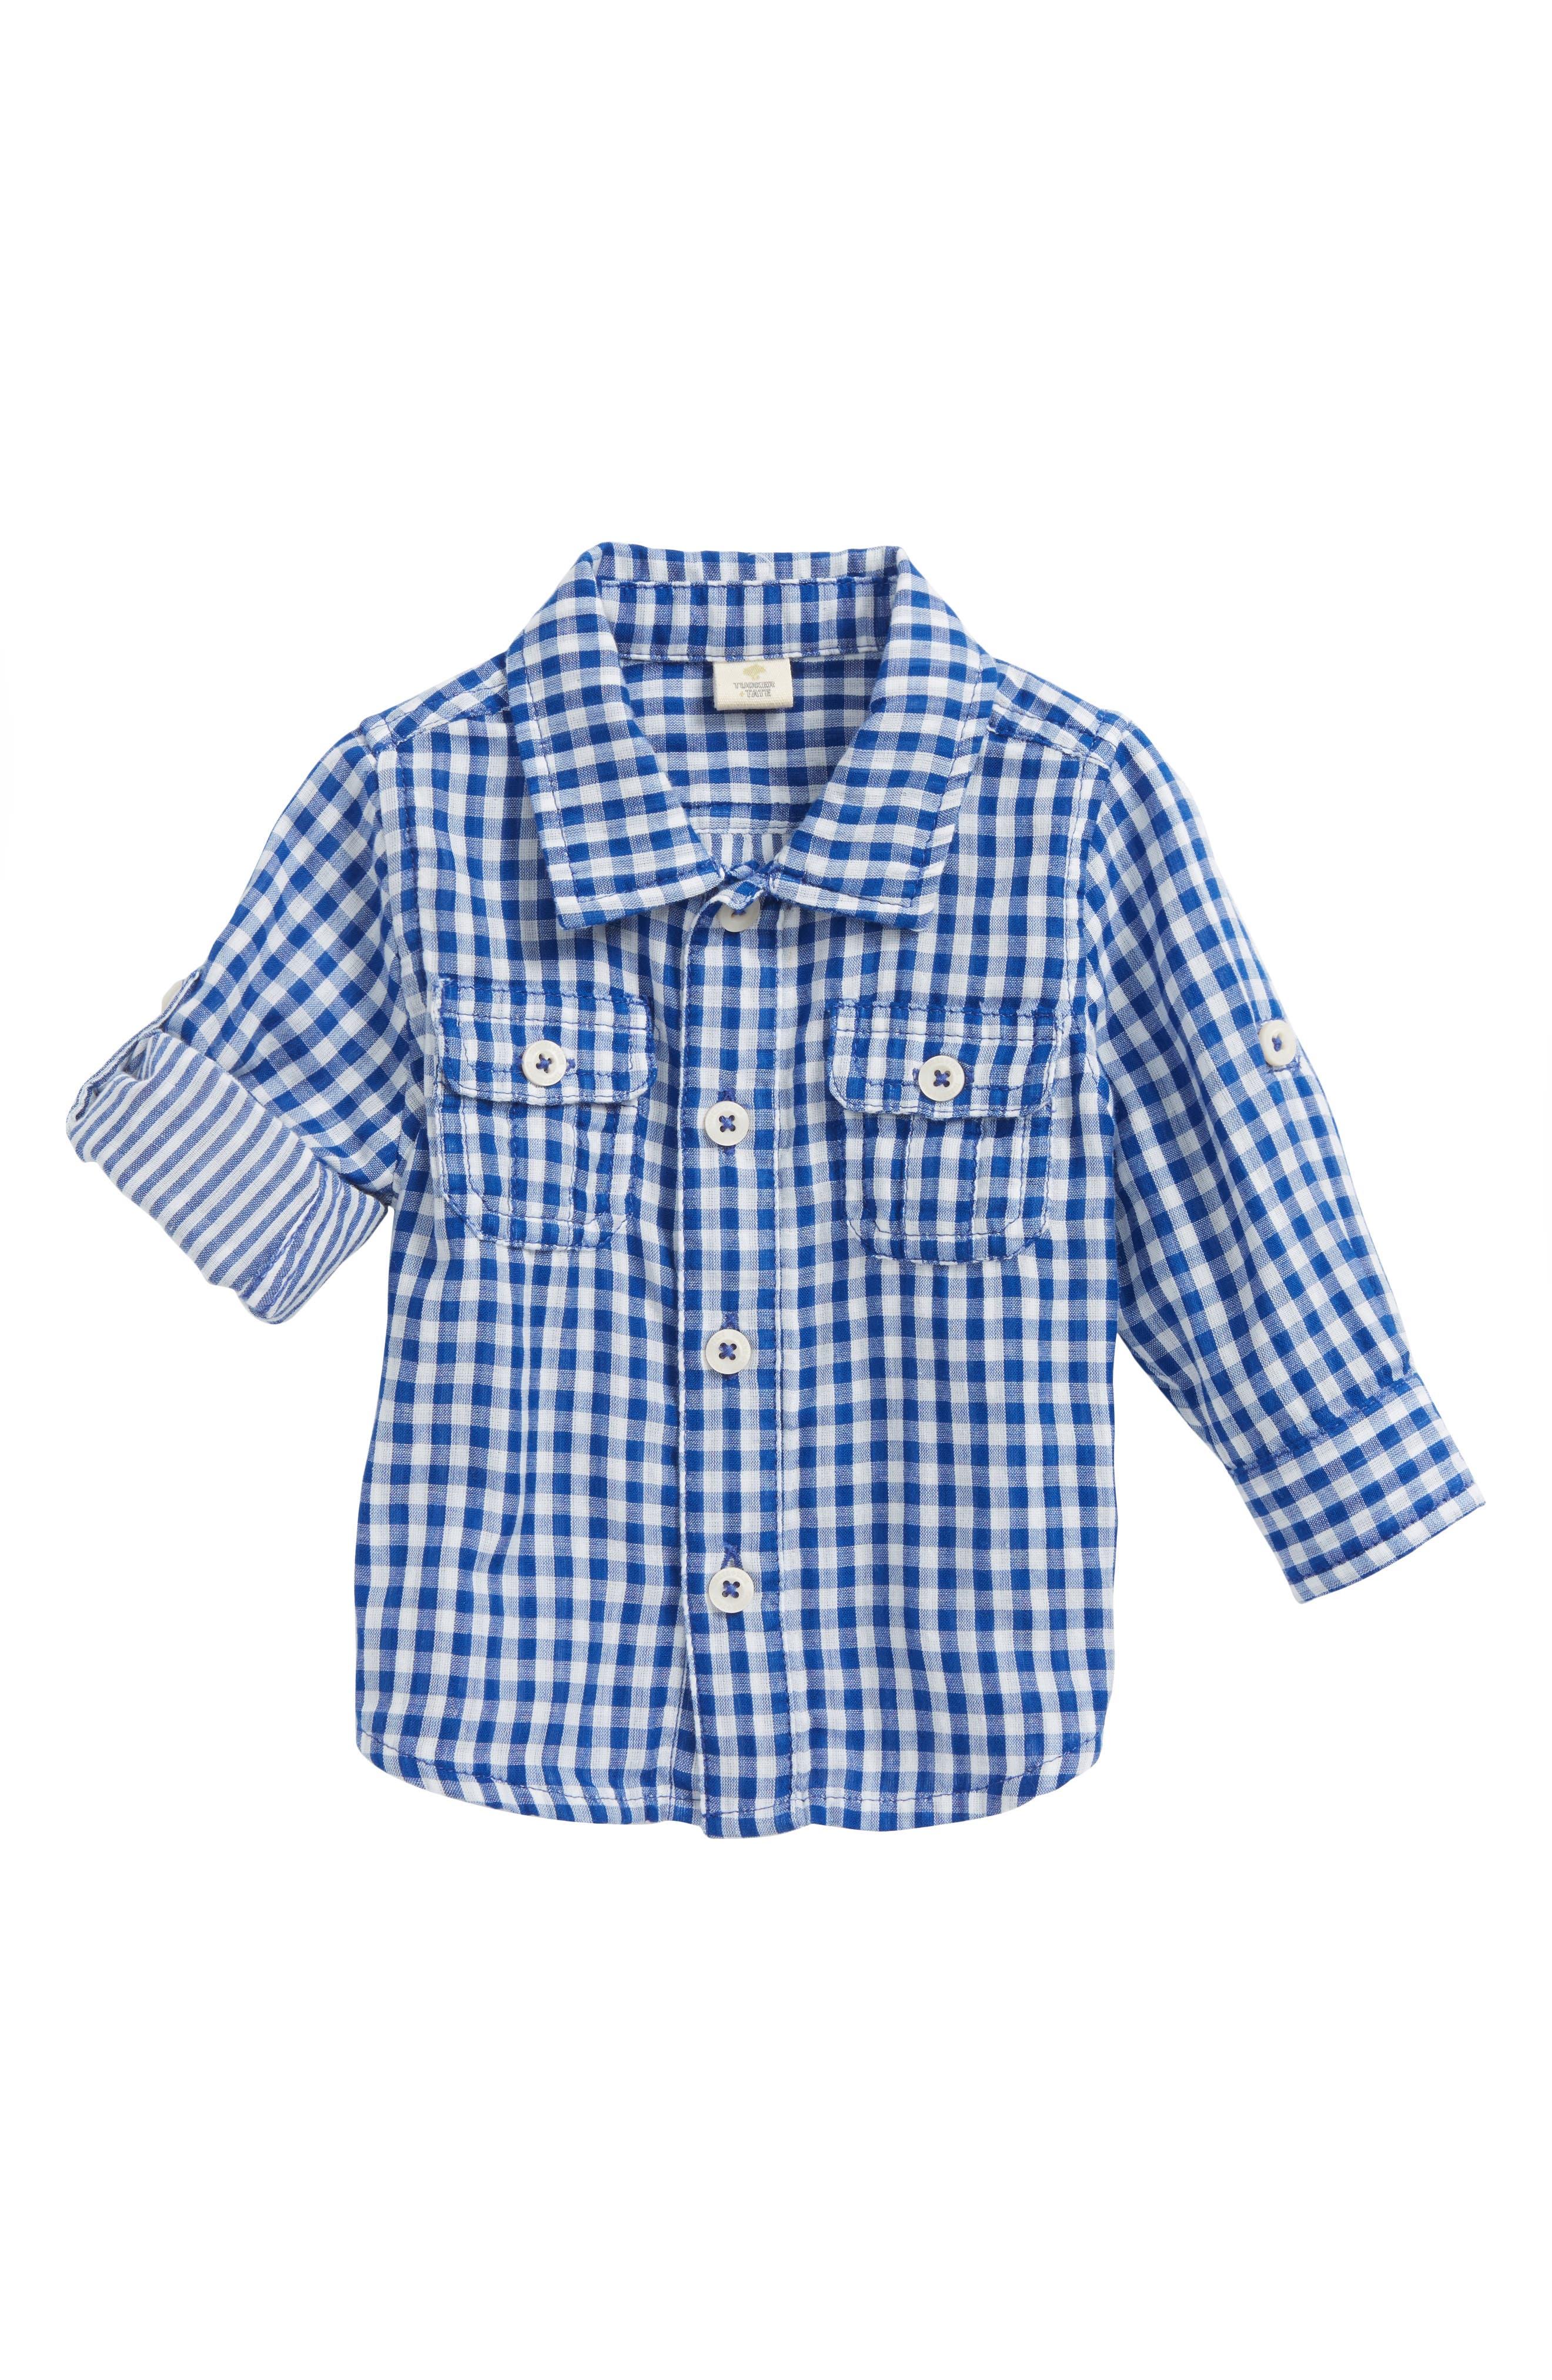 7eb754ea662b68 Shirts   Tops Tucker + Tate Clothing   Shoes